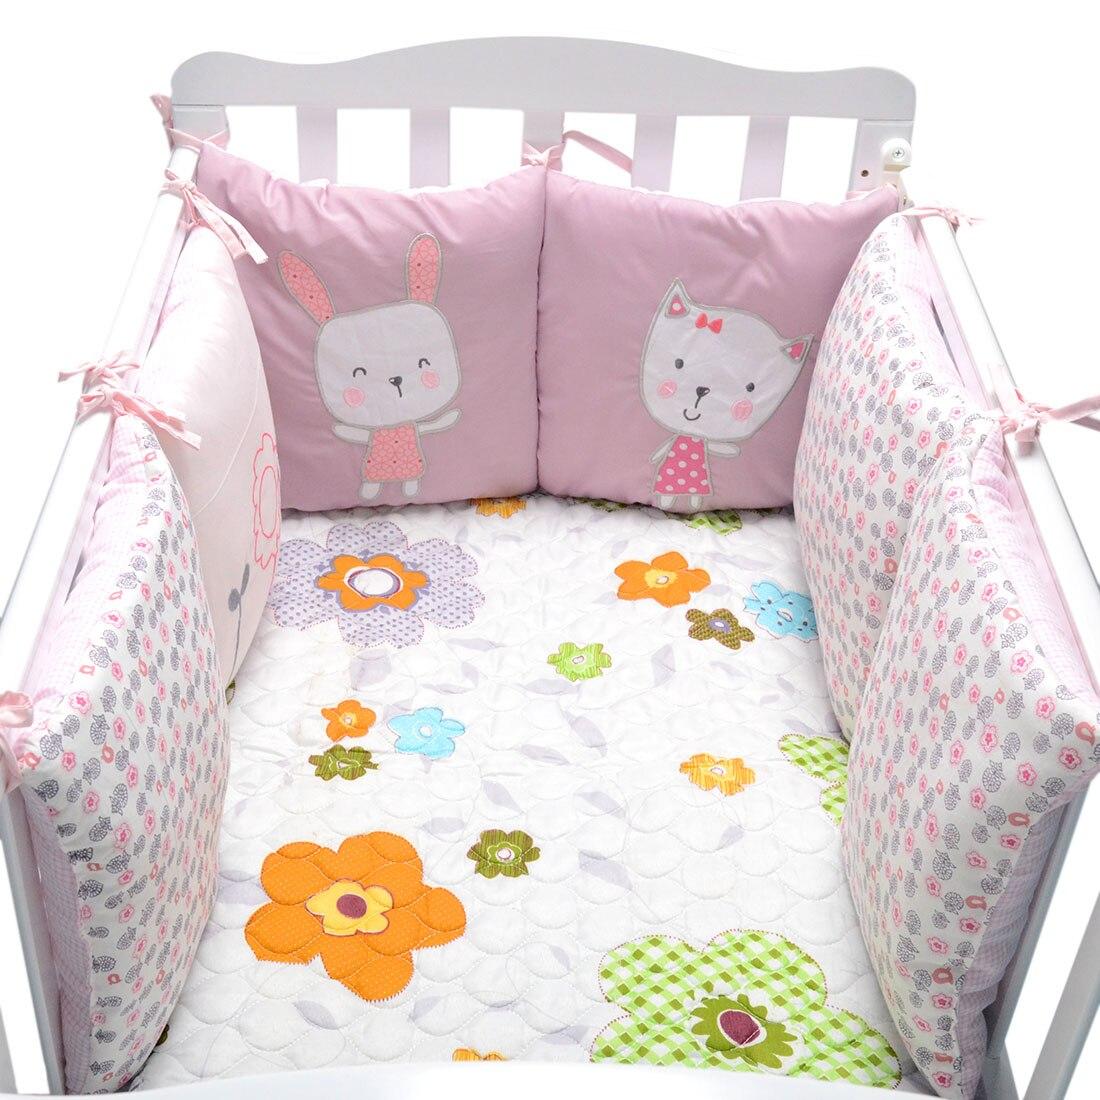 Baby Bed Wieg.6 Stks Partij Baby Bed Bumper In De Wieg Konijn Bloemen Baby